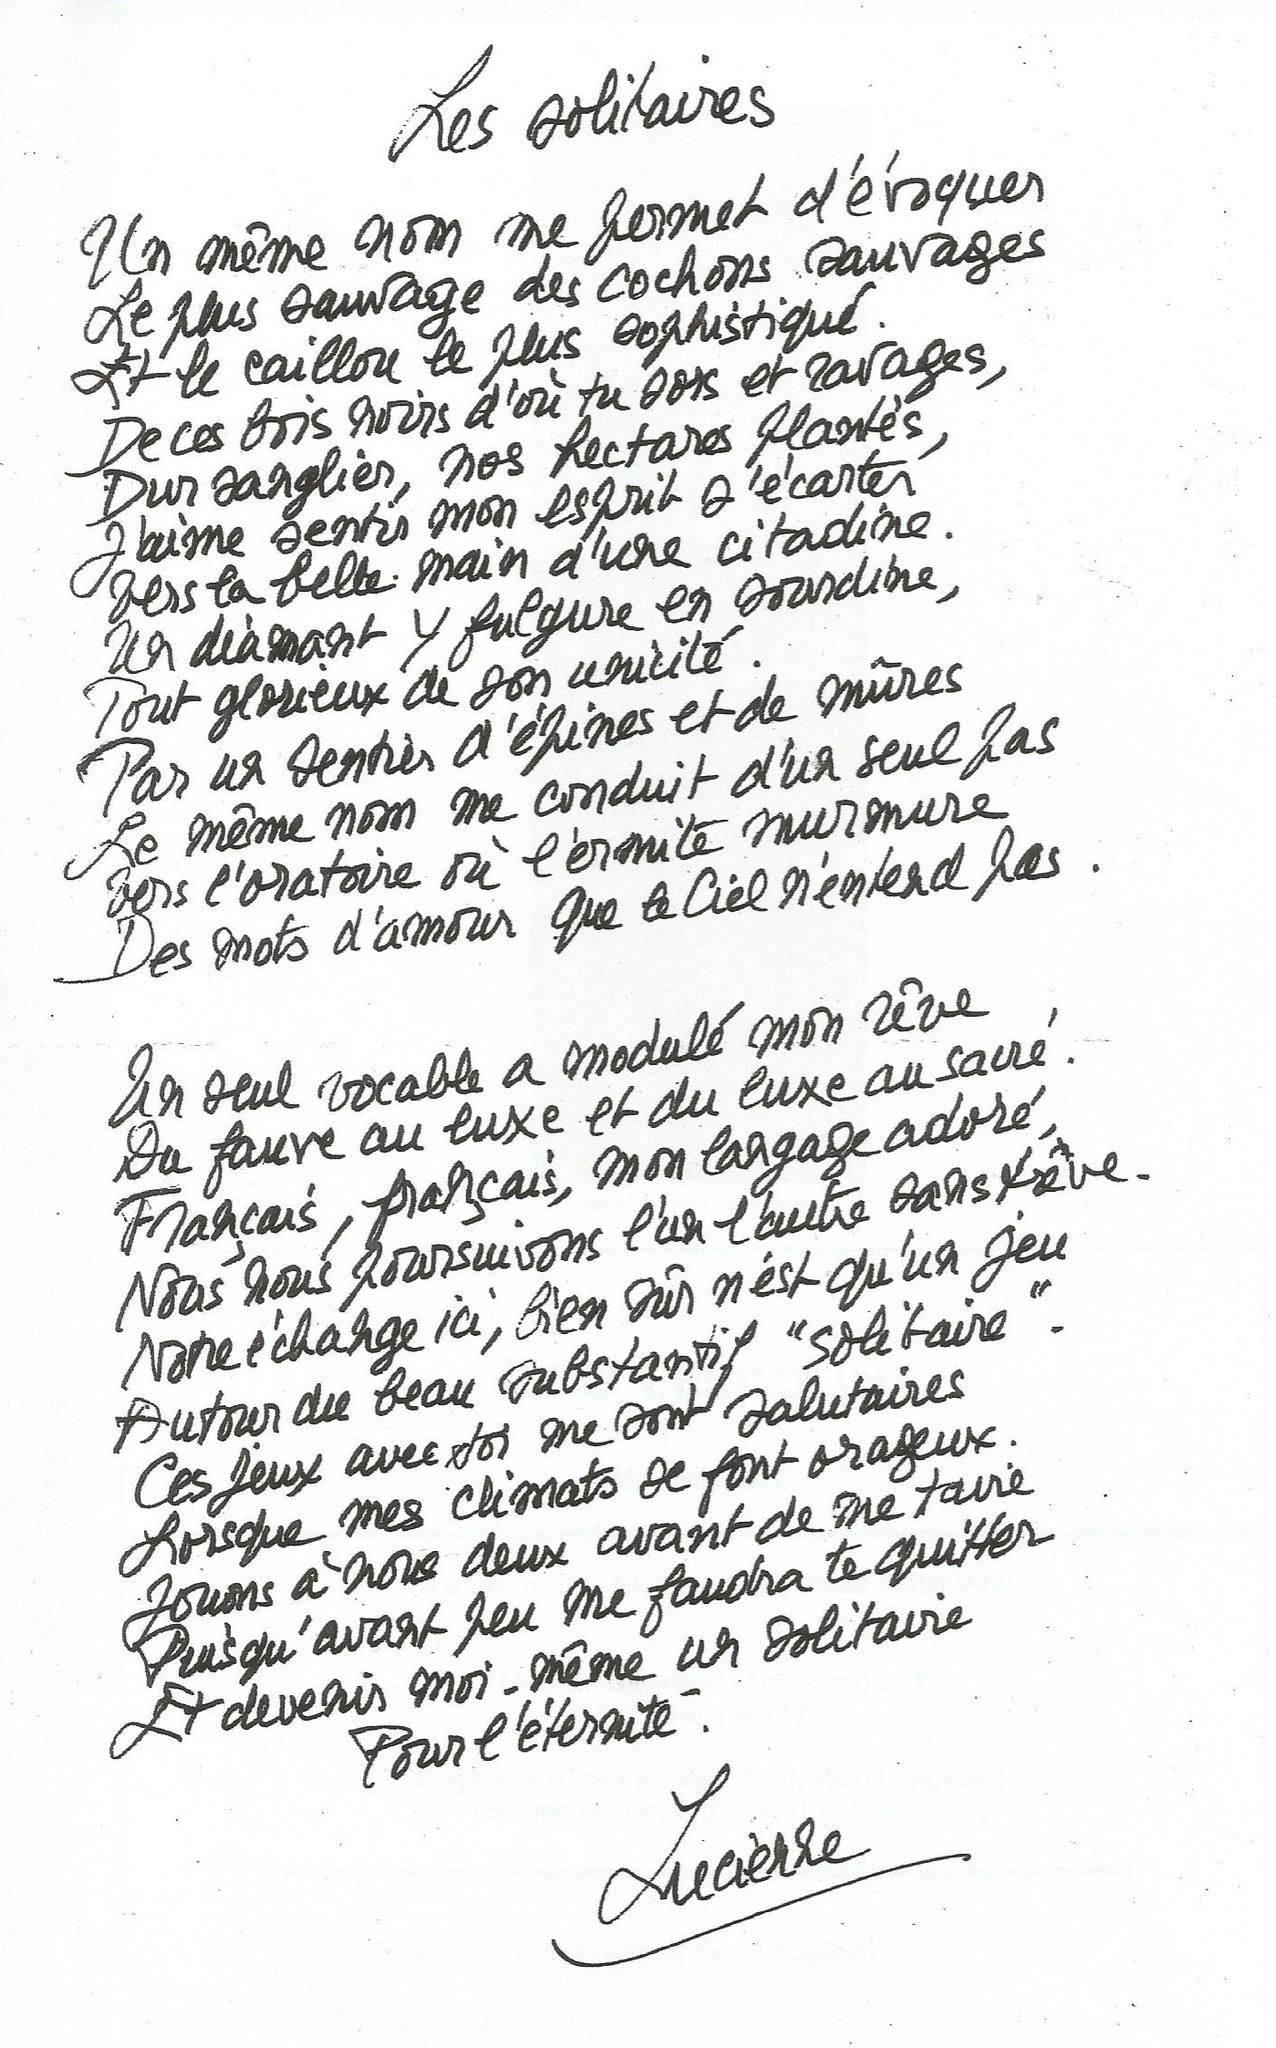 Lucienne Desnoues : Les solitaires.